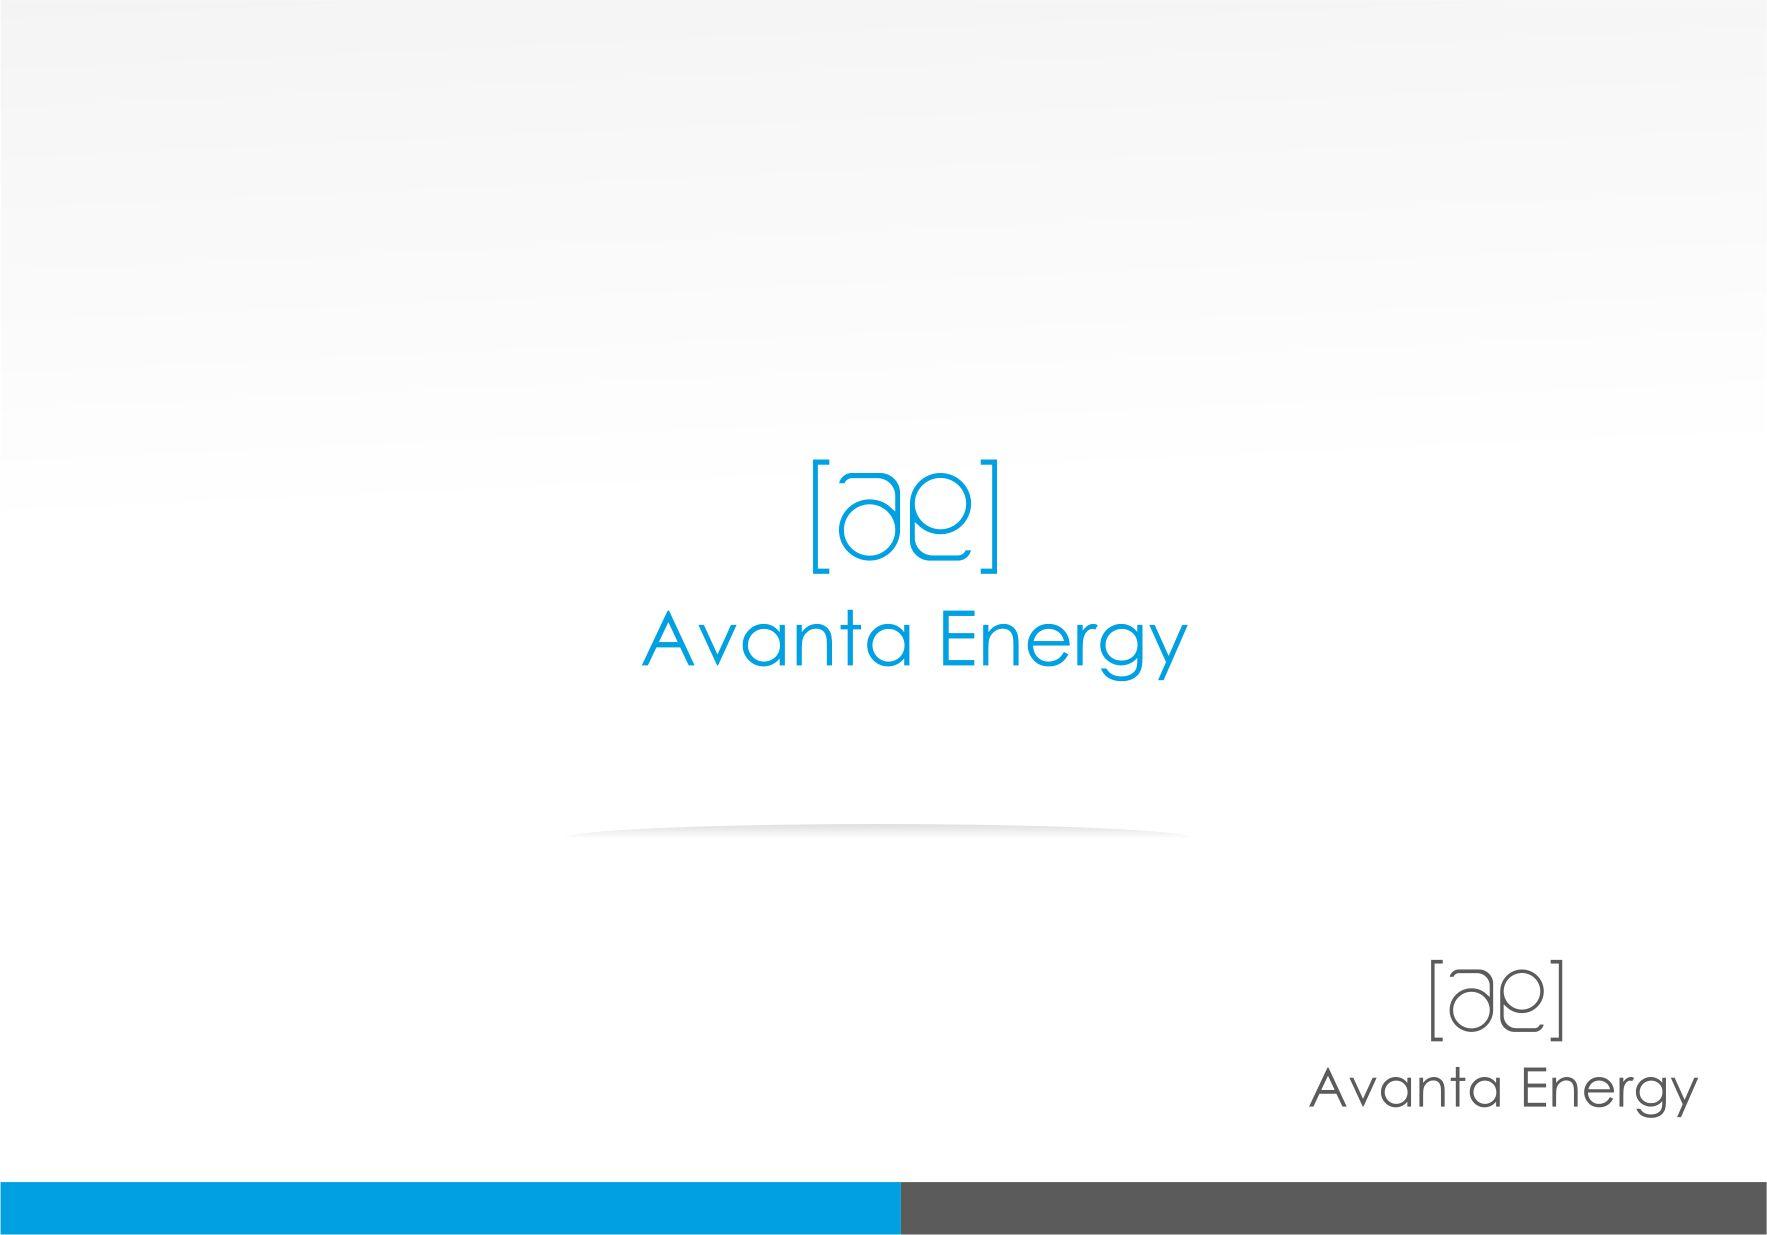 Фирмстиль + лого для переводческой компании - дизайнер La_persona